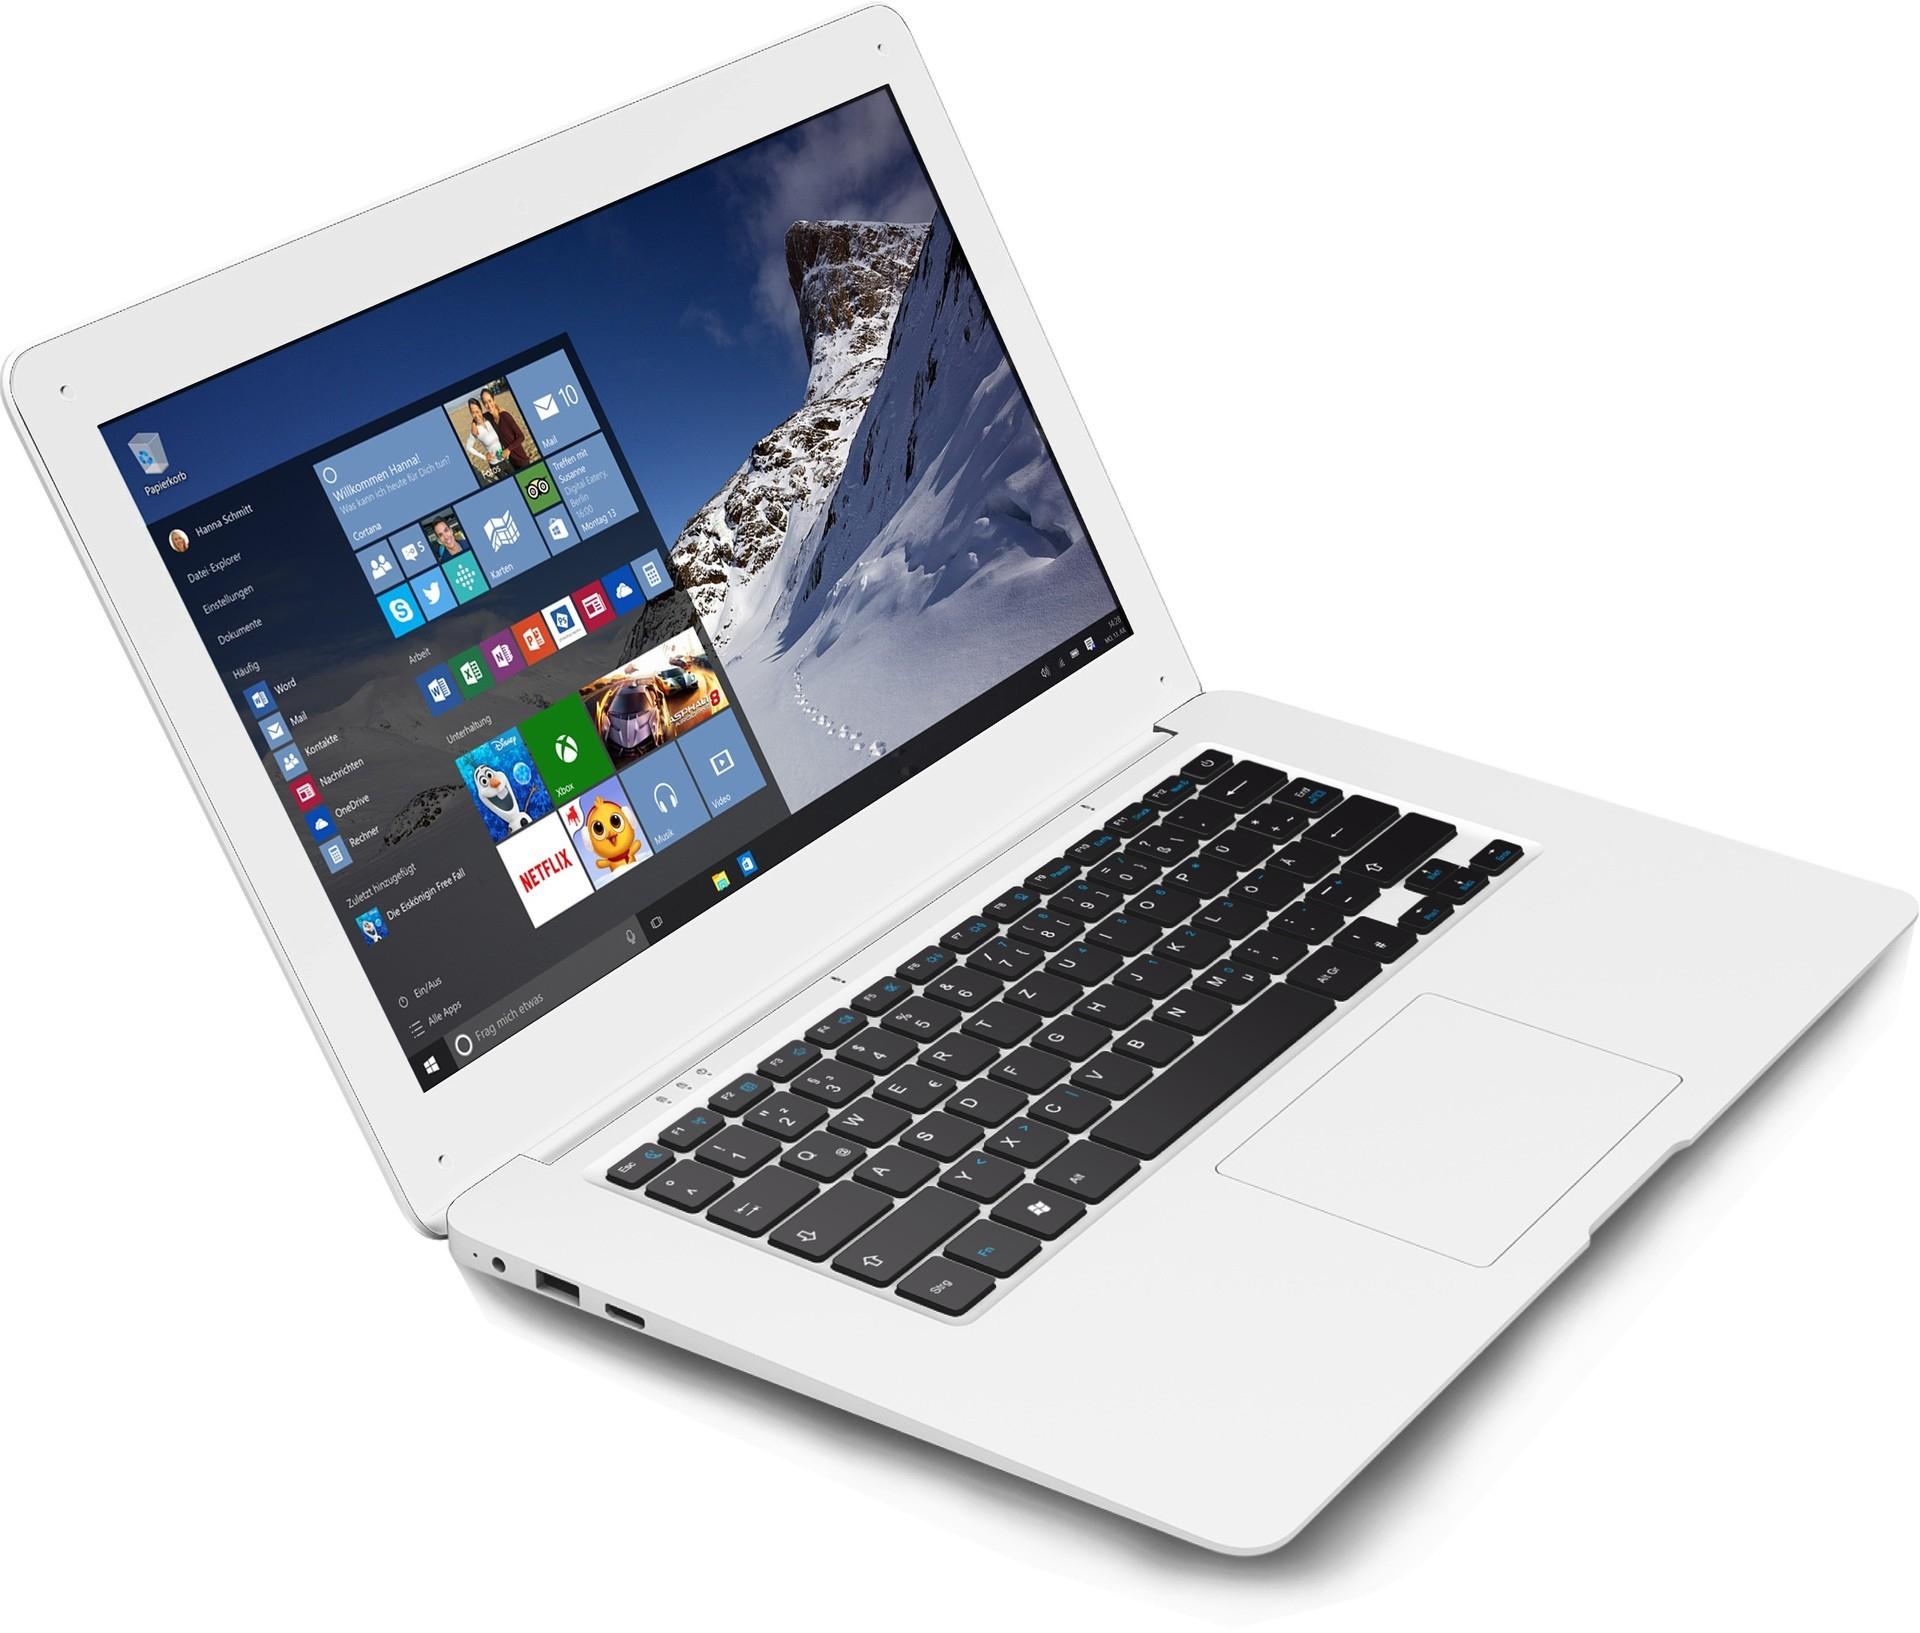 Odys Trendbook 12 met Windows 10 voor €177,93 @ Notebooksbilliger